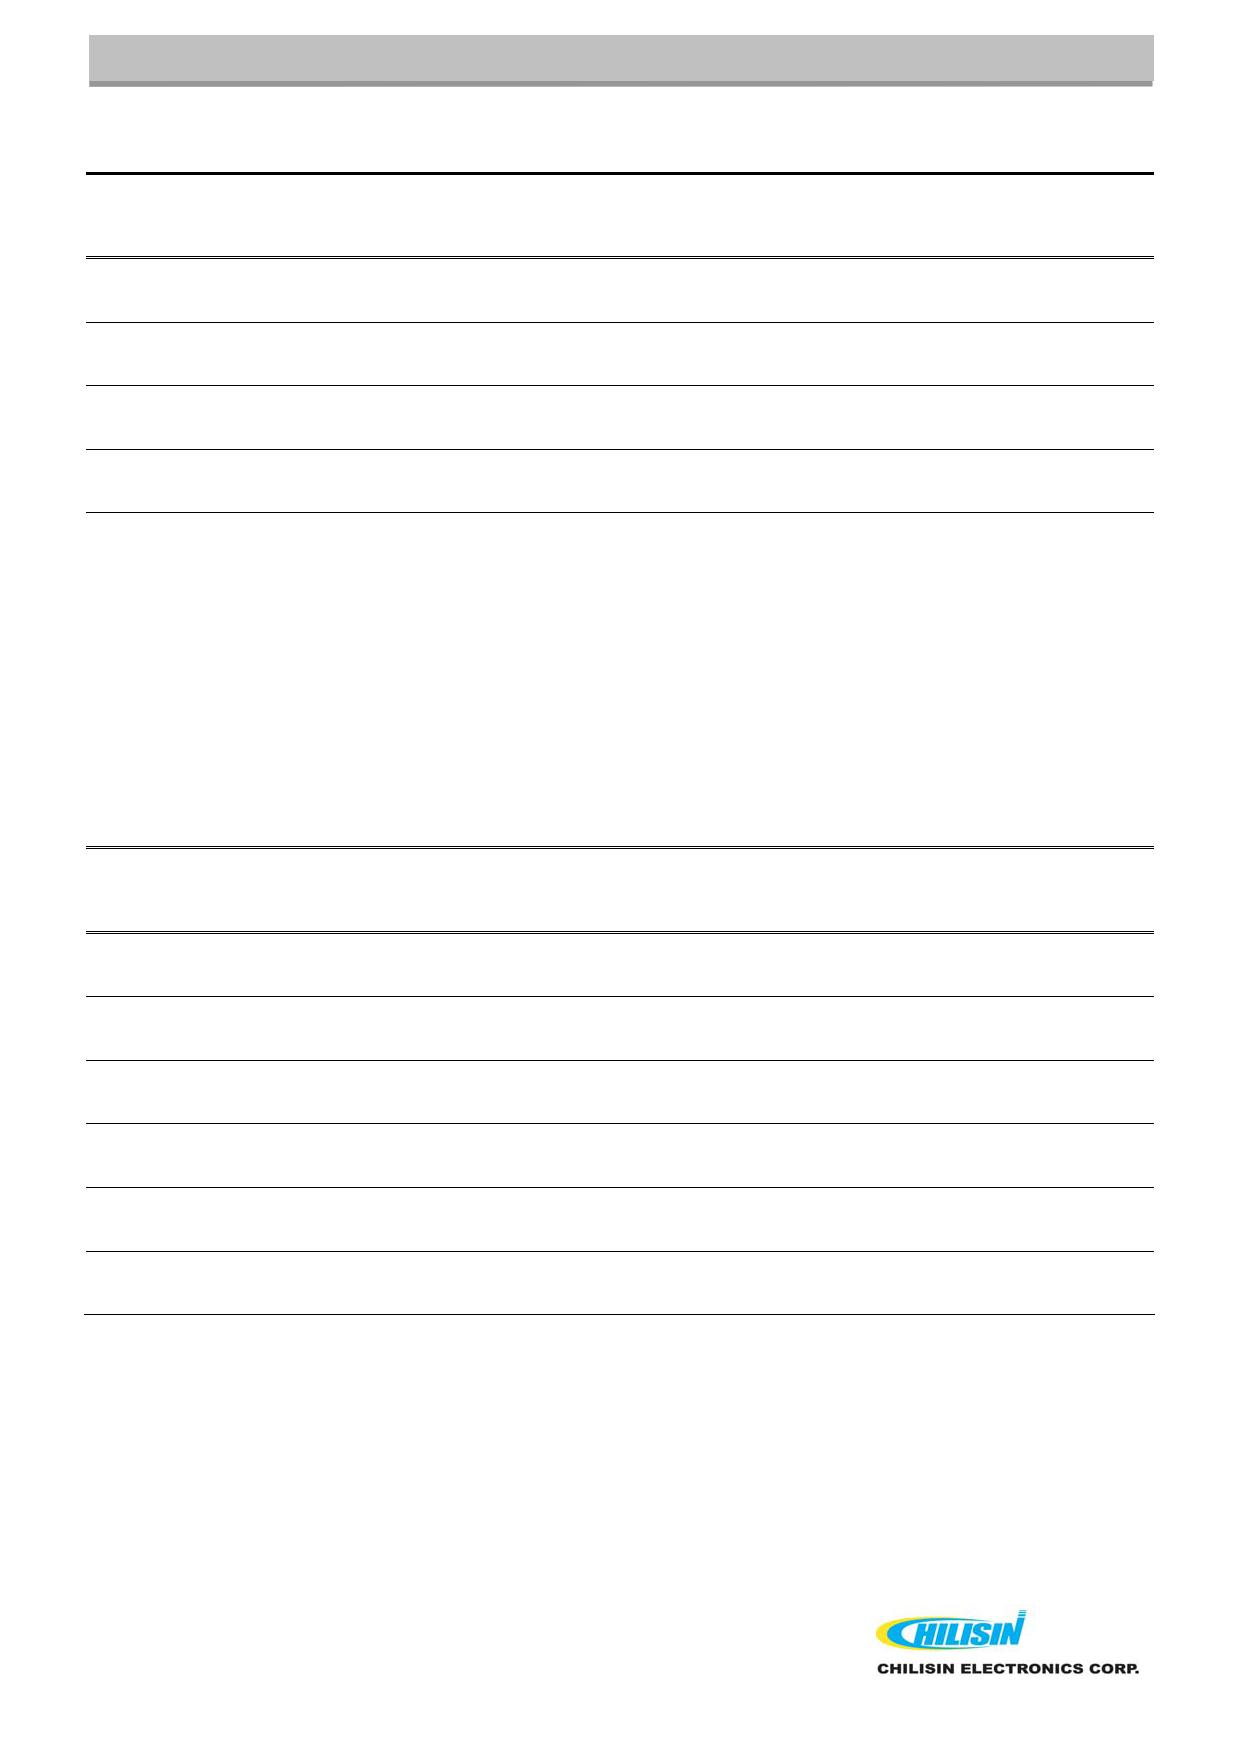 SQC322520LT pdf, 반도체, 판매, 대치품